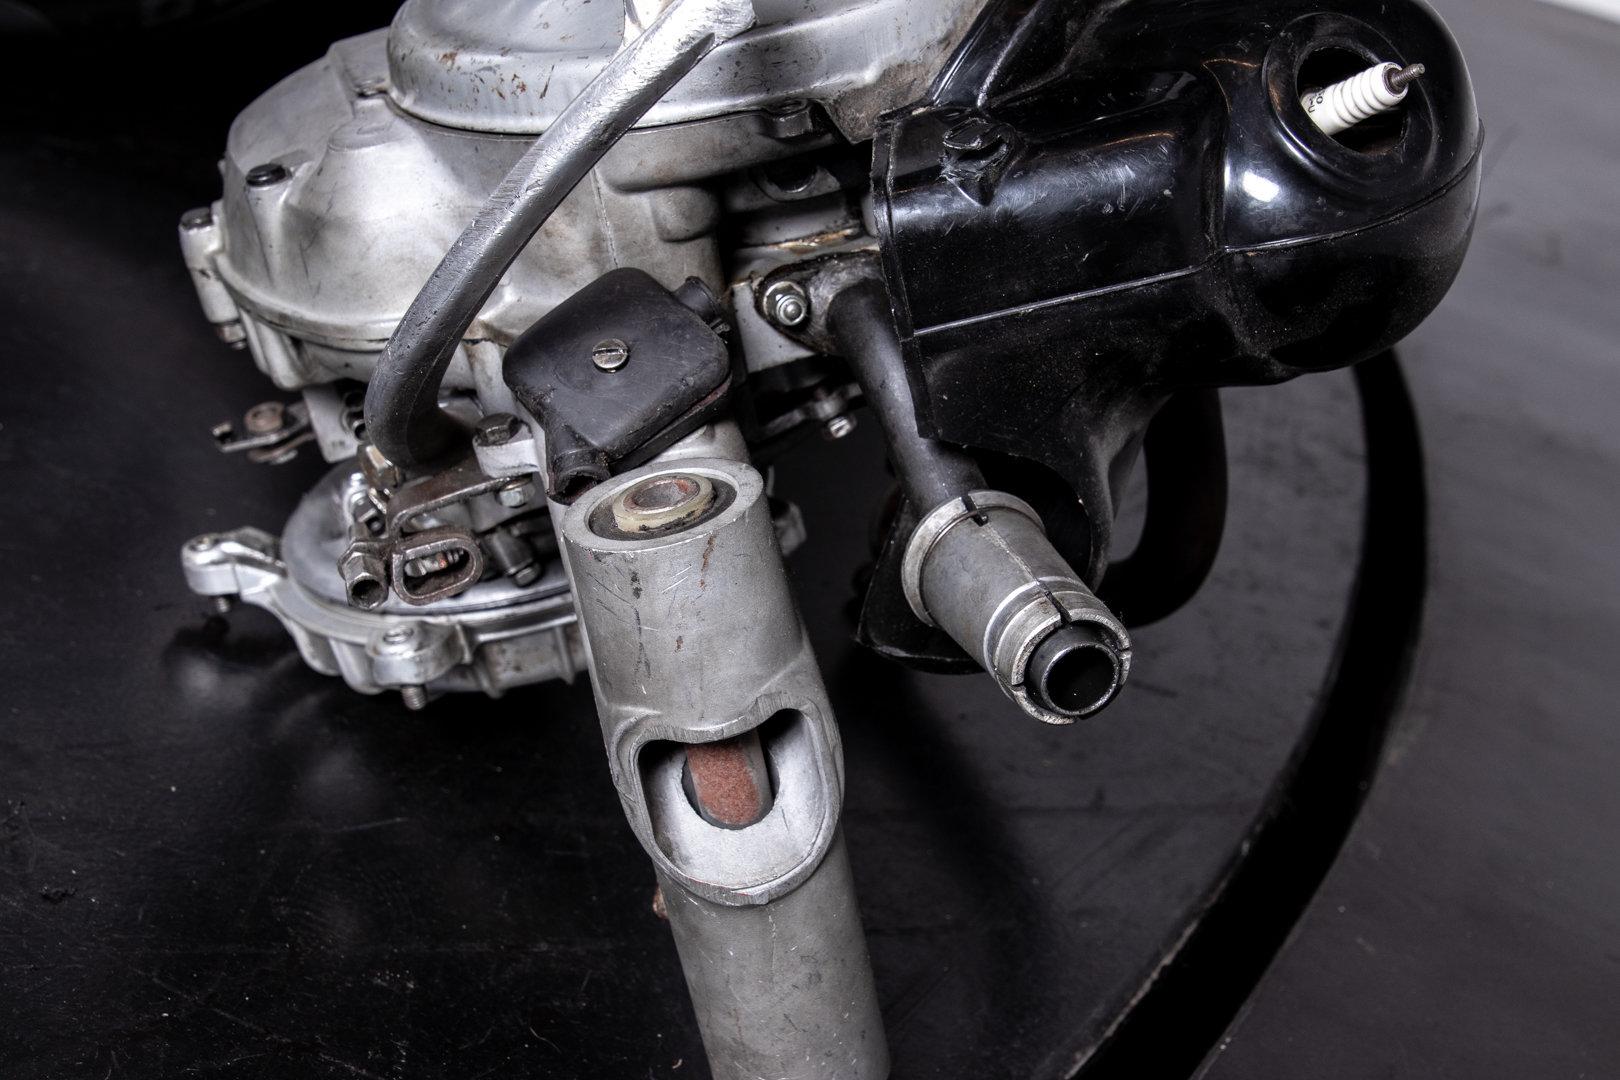 1950 Piaggio Vespa Engine For Sale (picture 4 of 7)